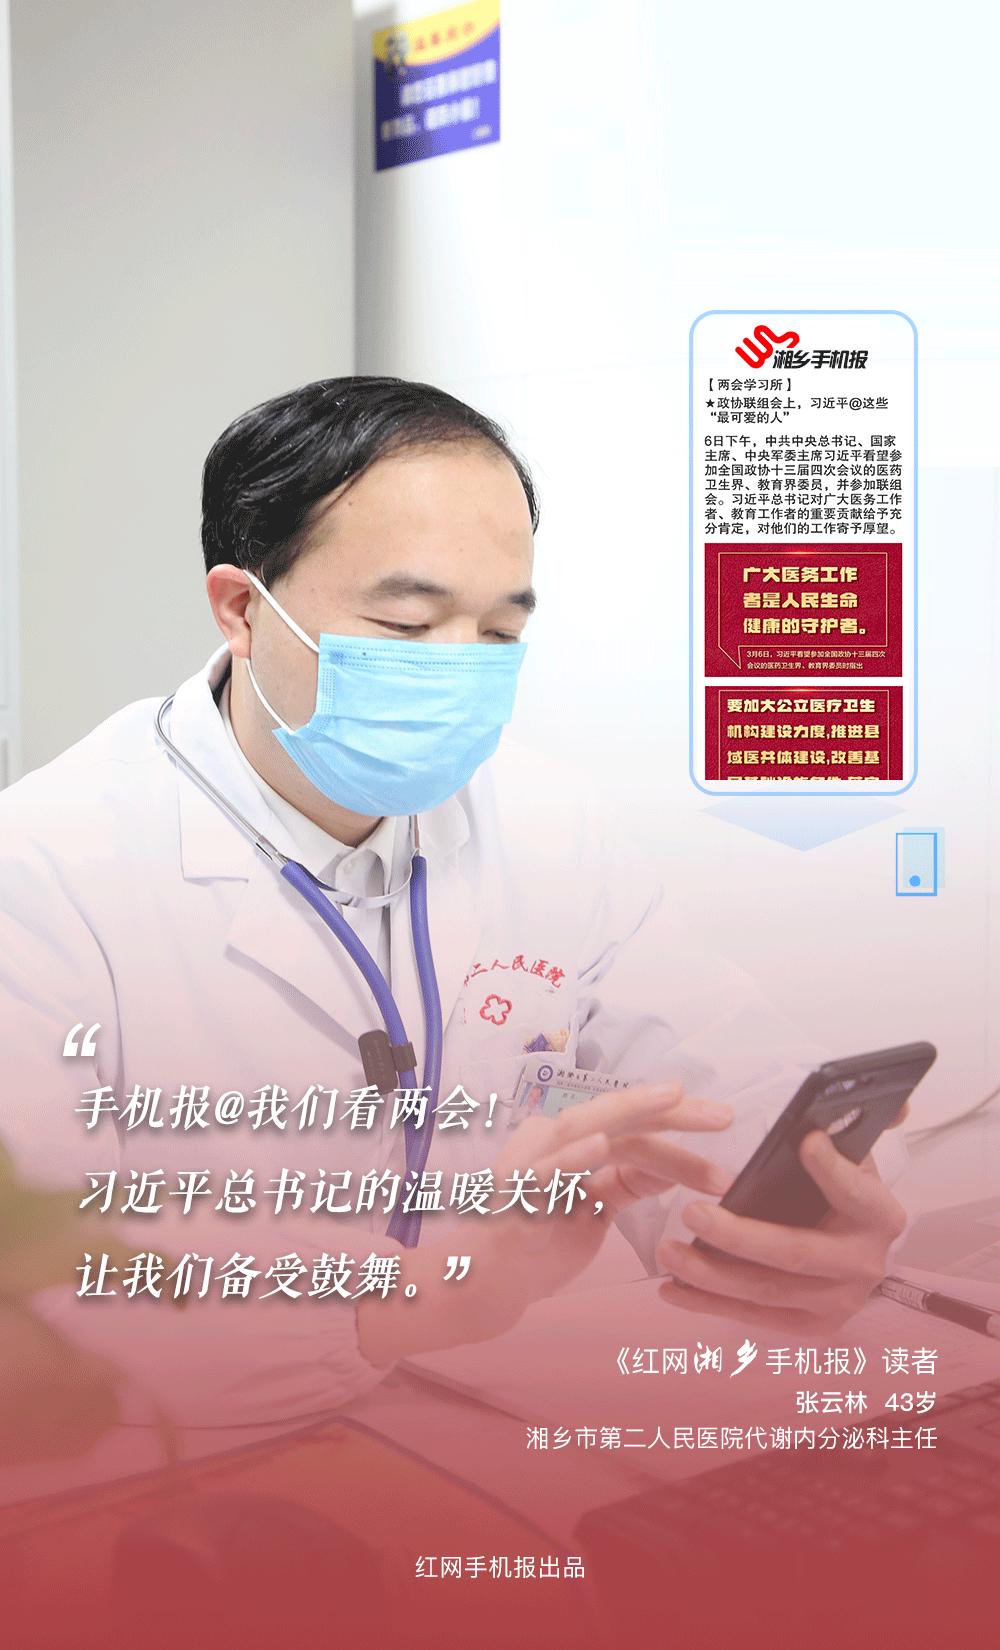 手机报读者海报湘乡.png